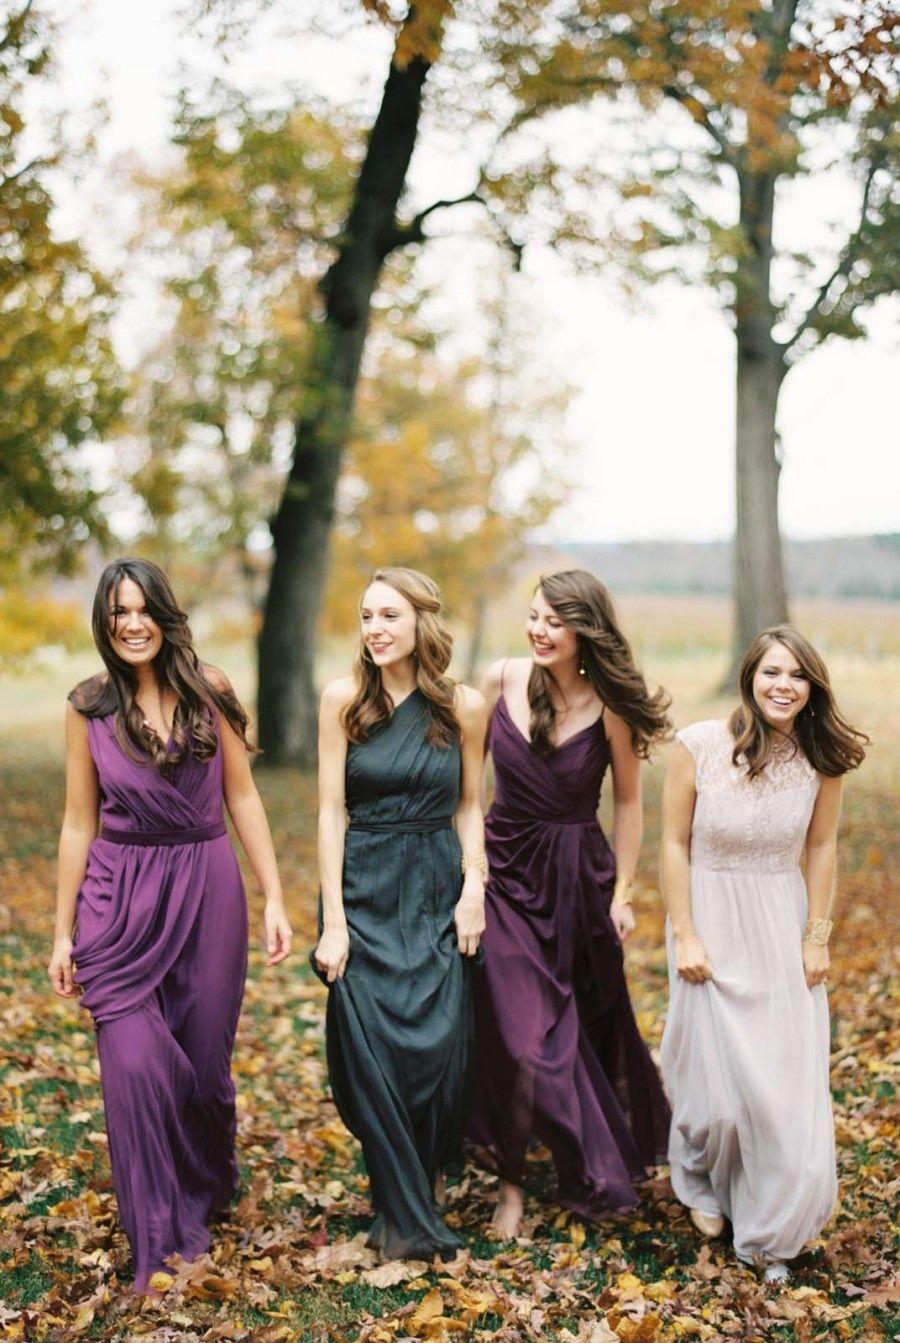 Autumn bridesmaid trends autumn bridesmaid dresses autumn autumn bridesmaid trends ombrellifo Images